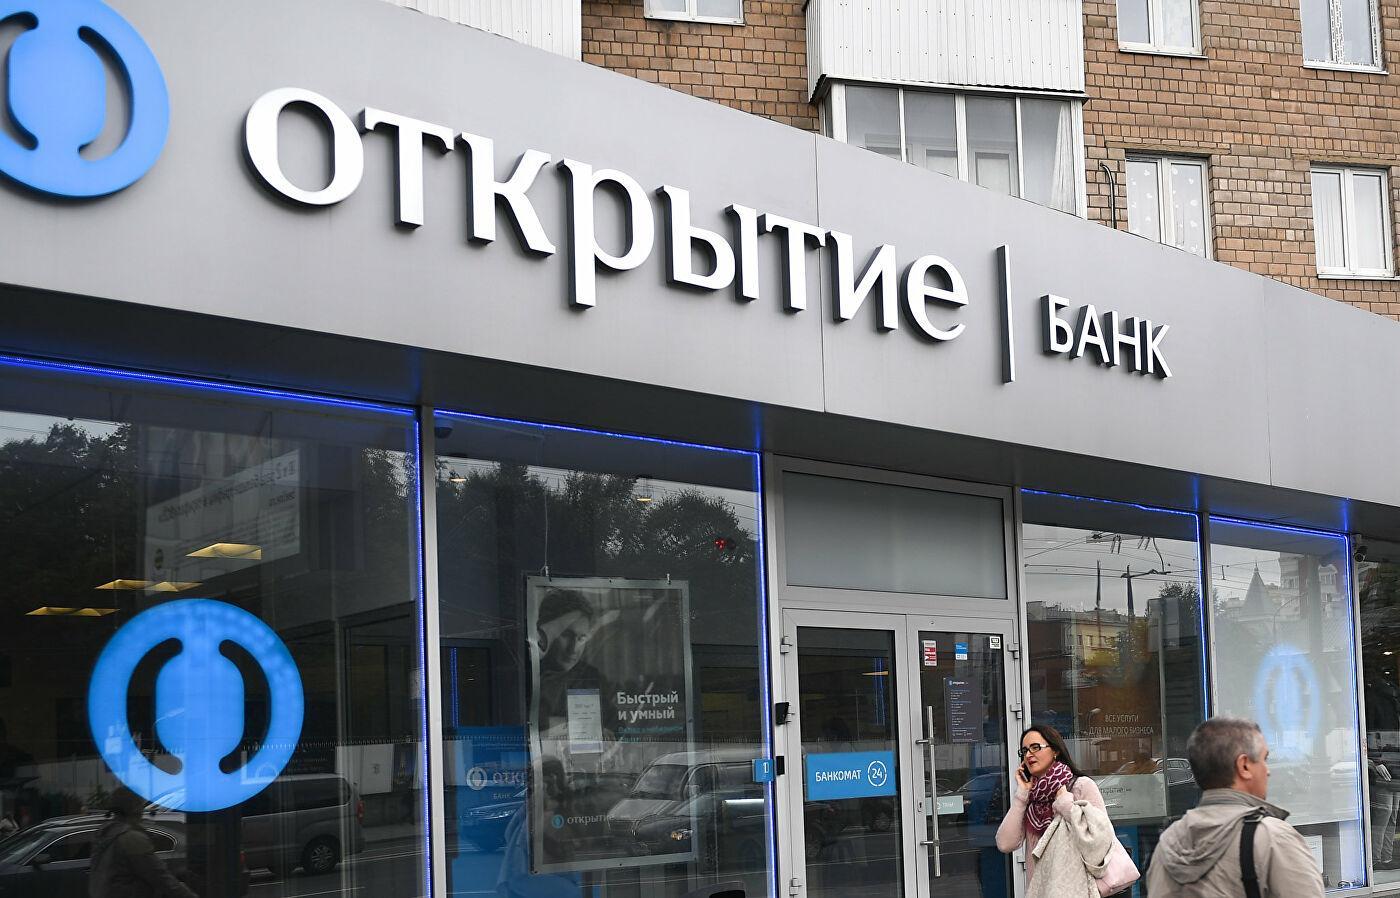 Банк «Открытие» предлагает новые сервисы корпоративным клиентам - новости Афанасий